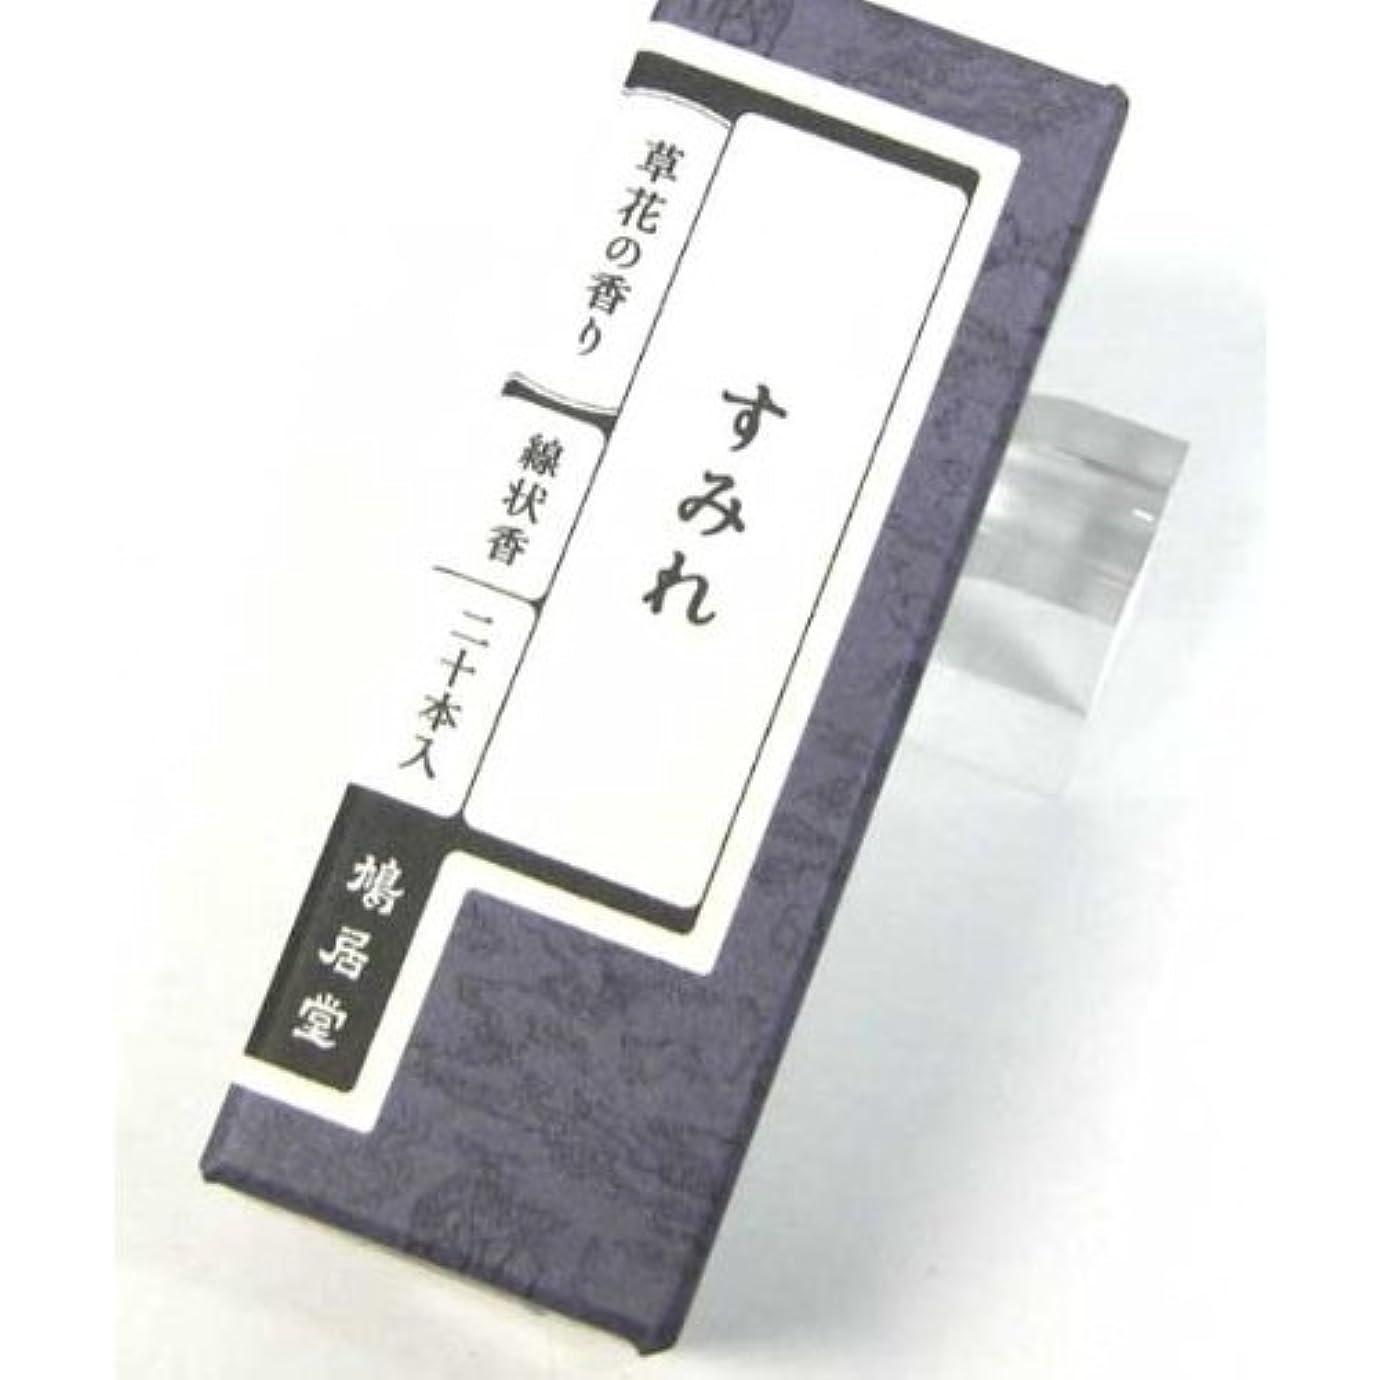 厳しいスパイ牽引鳩居堂 お香 すみれ/菫 草花の香りシリーズ スティックタイプ(棒状香)20本いり